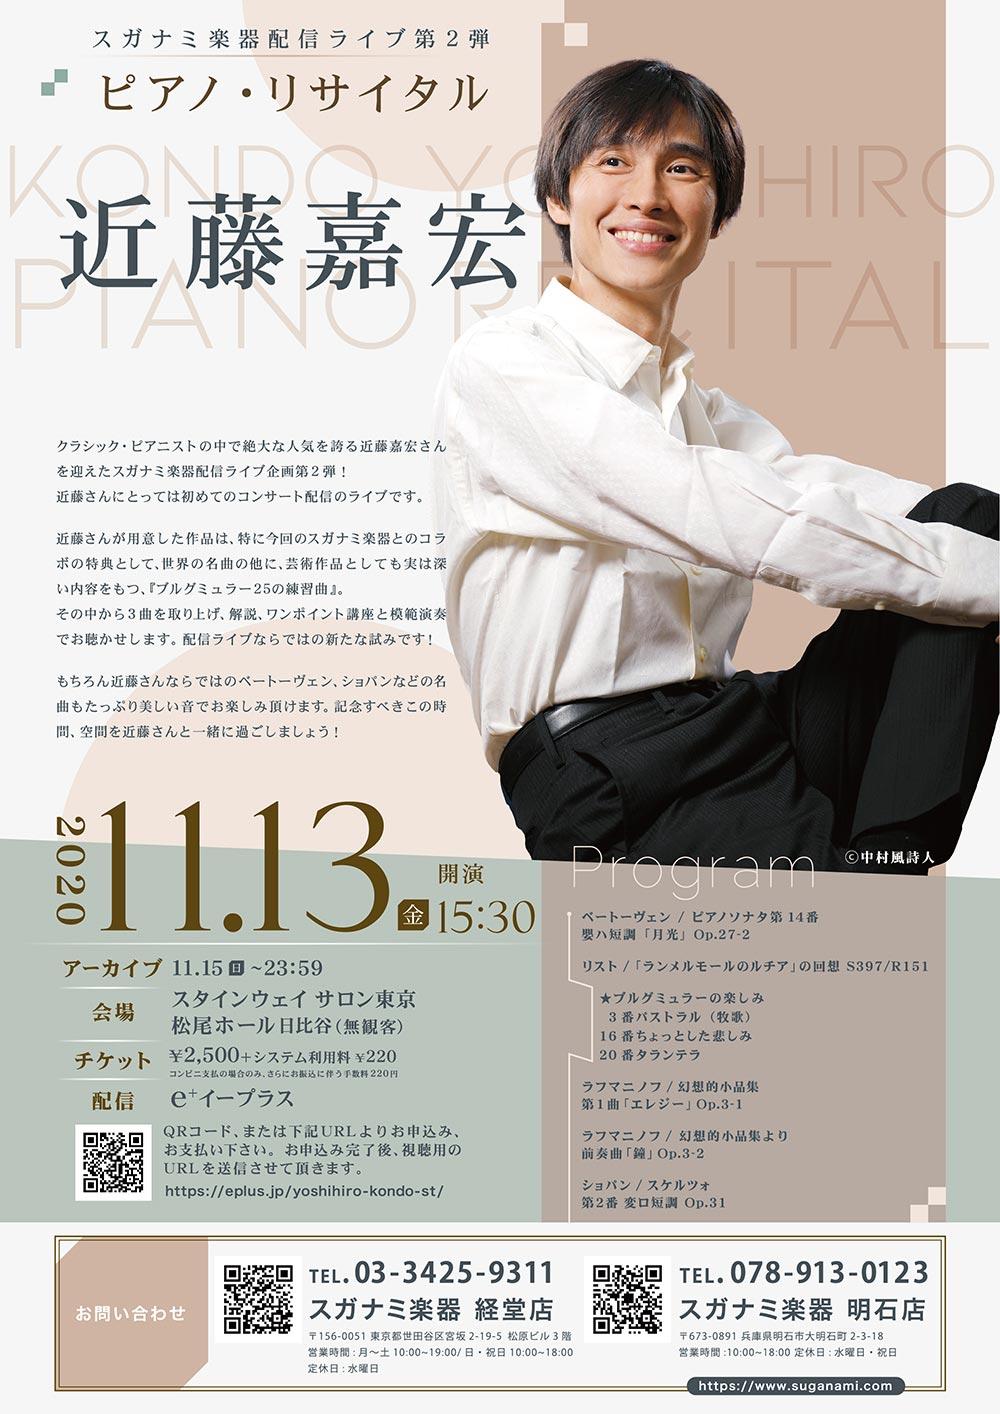 近藤嘉宏 ピアノリサイタル スガナミ楽器配信ライブ企画第2弾